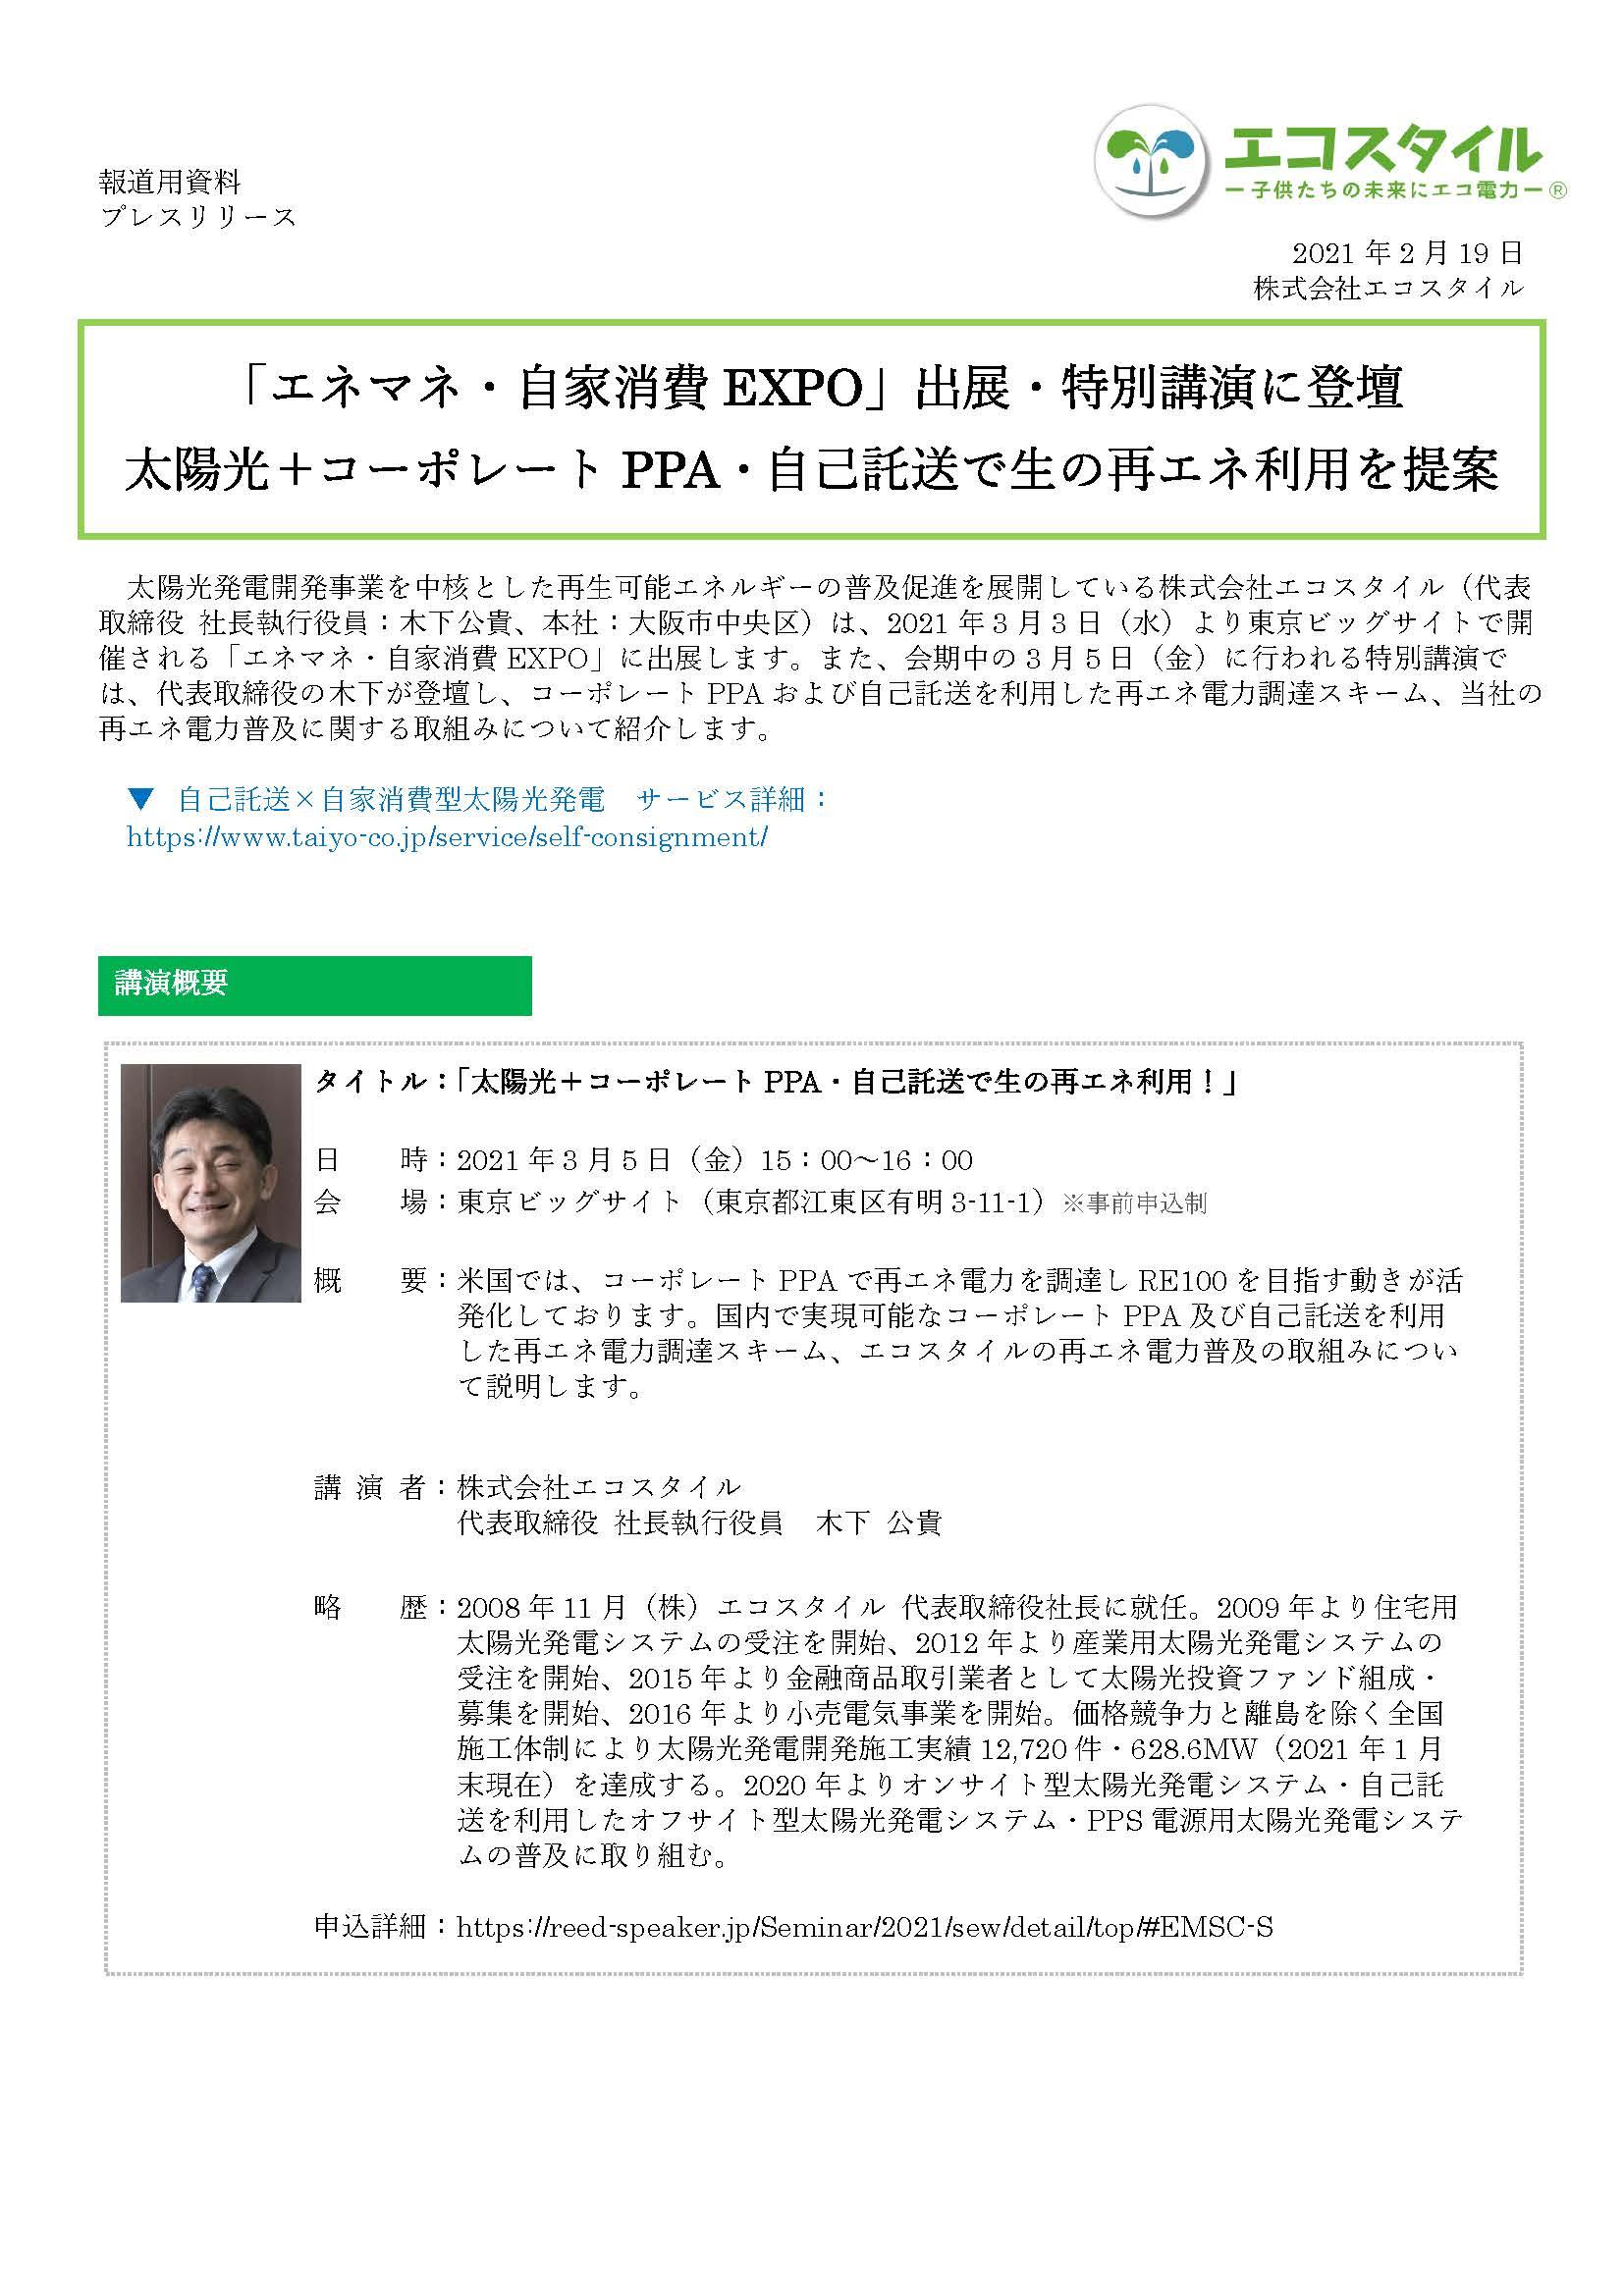 「エネマネ・自家消費EXPO」出展・特別講演に登壇 太陽光+コーポレートPPA・自己託送で生の再エネ利用を提案